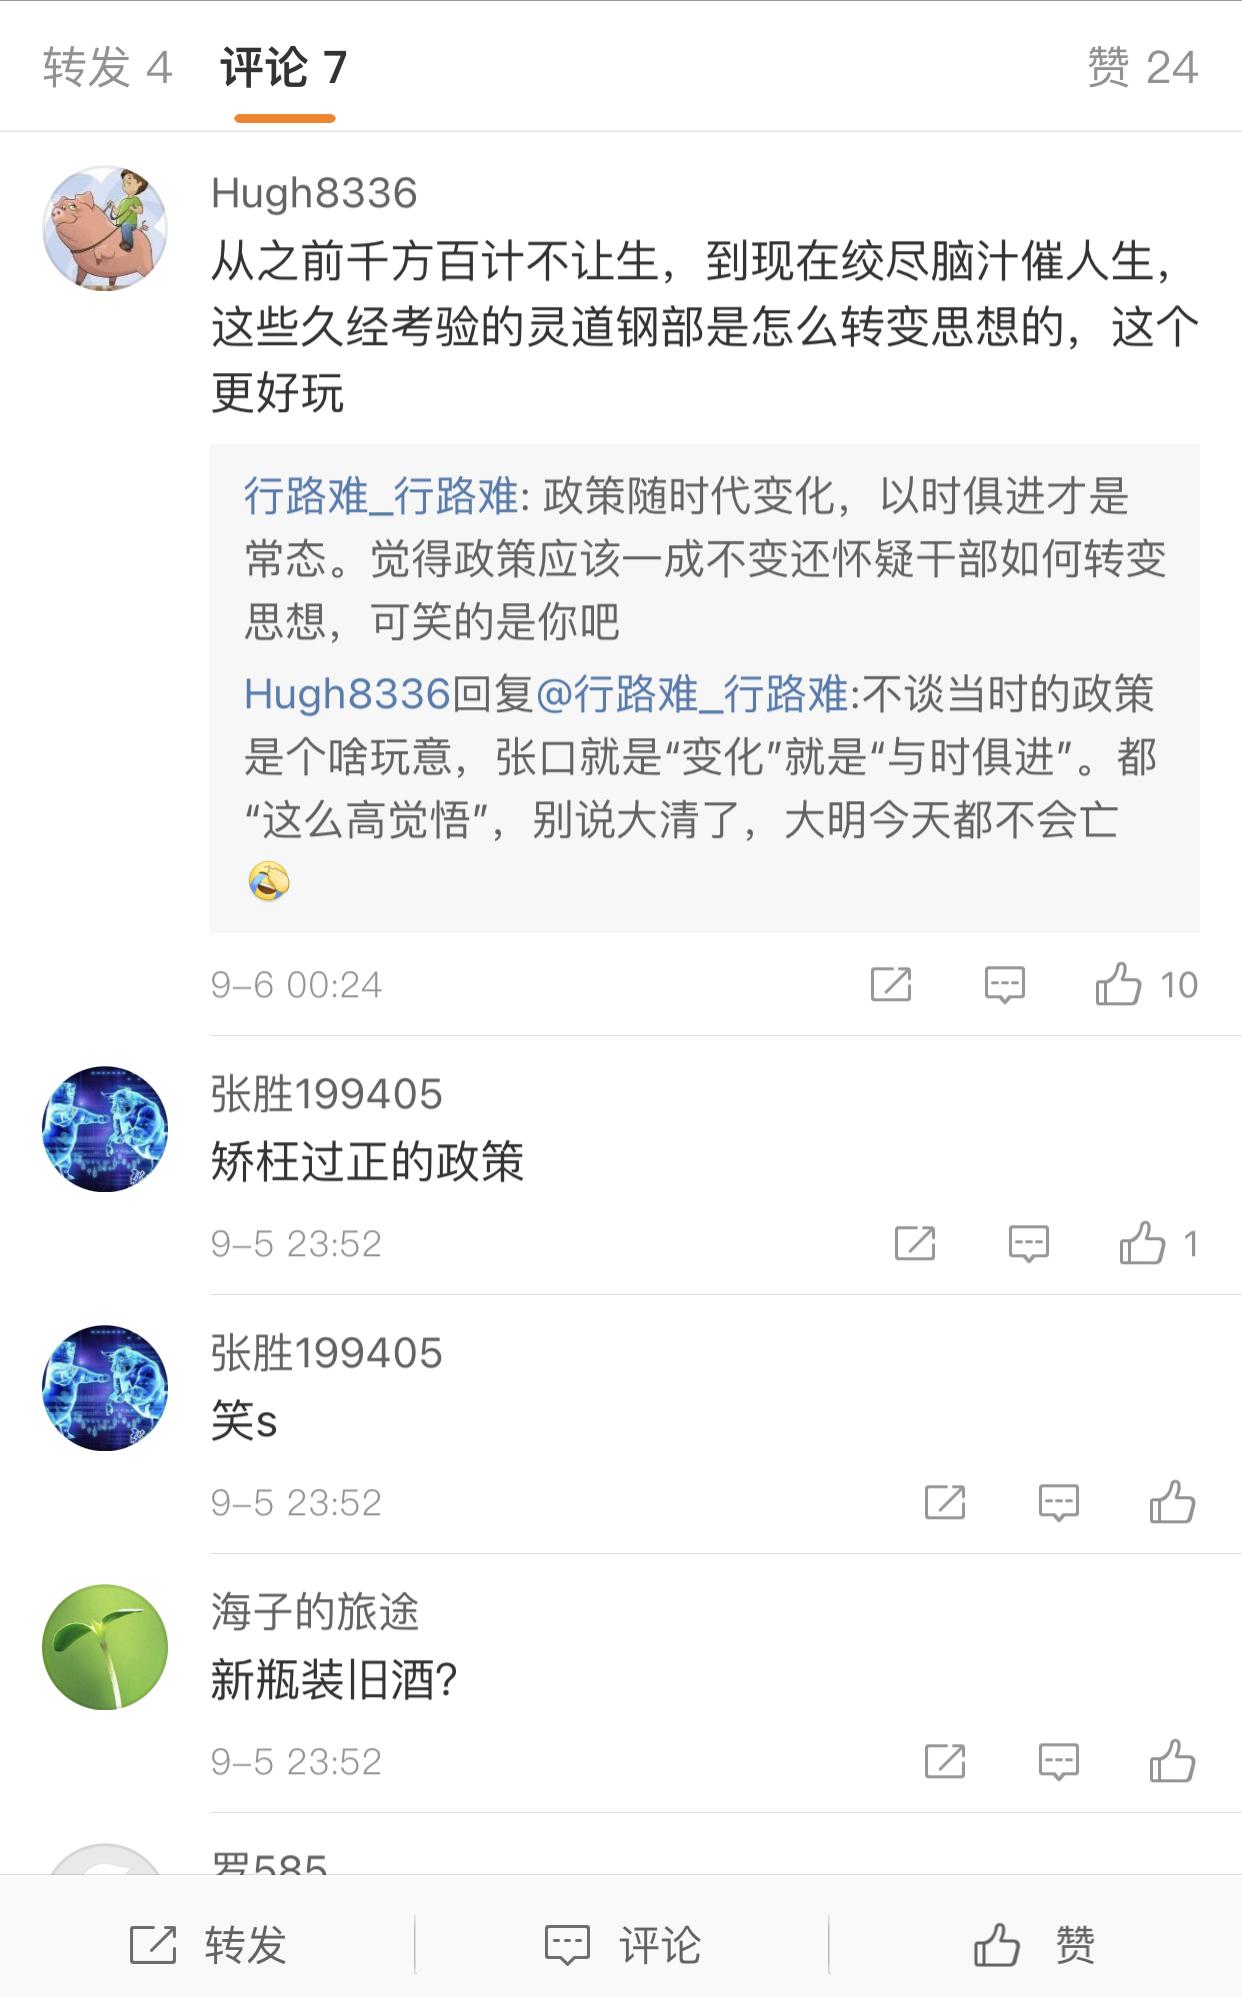 網民熱議中國的計生政策。(微博截圖)